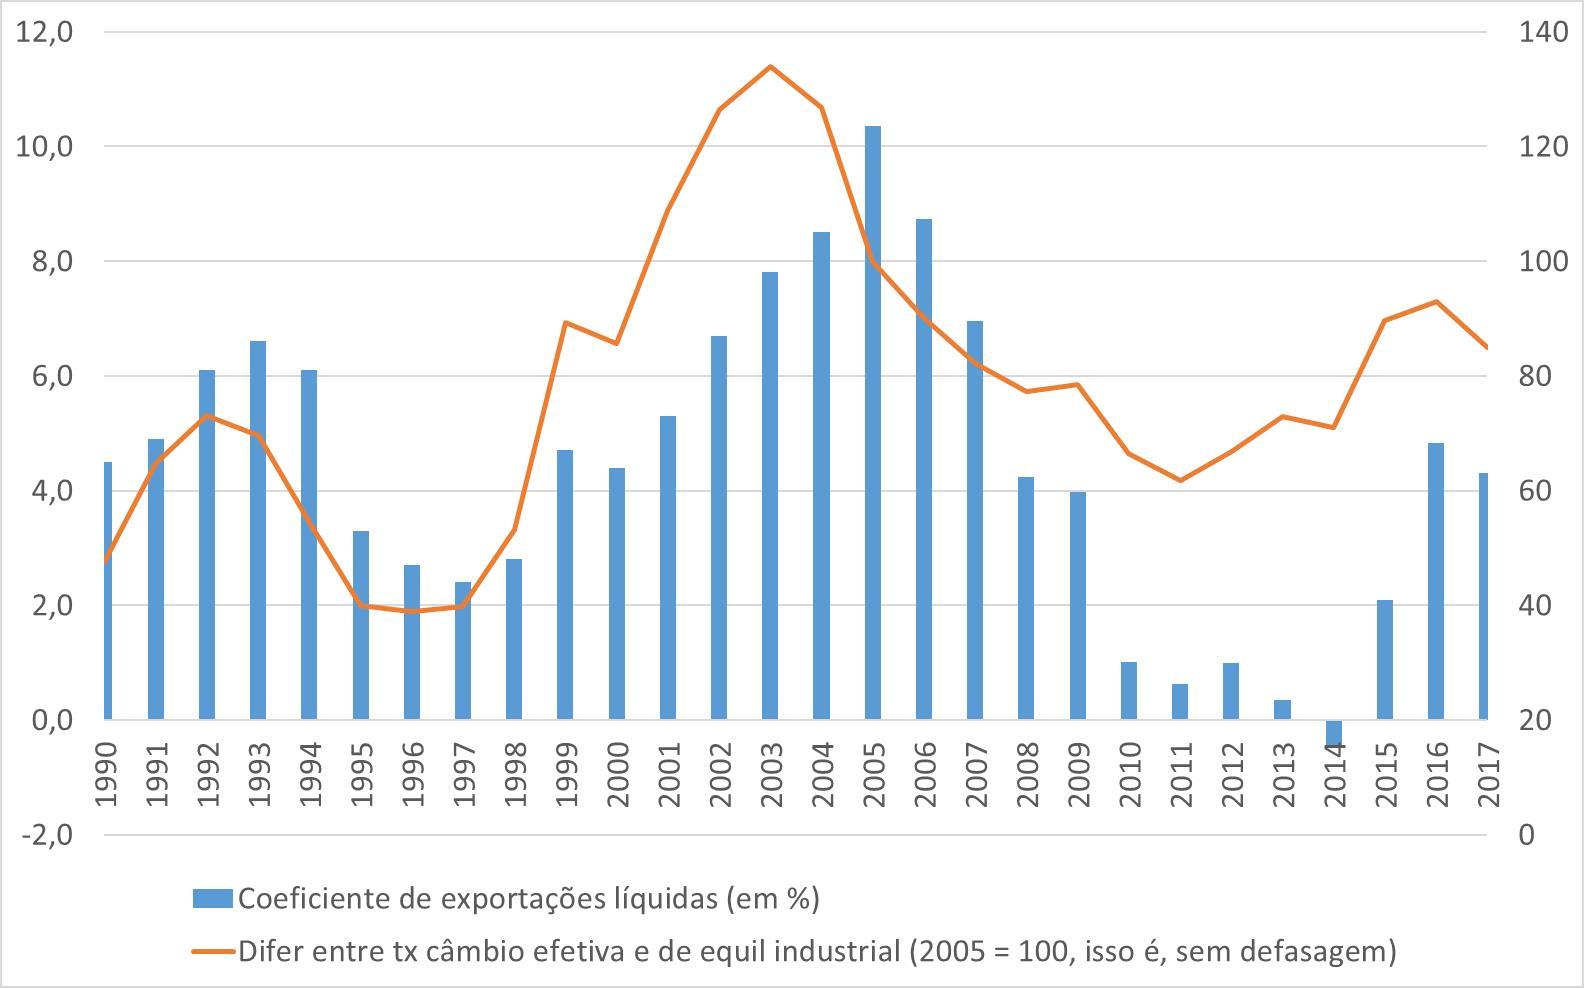 Nelson Marconi Coeficiente de exportações líquidas e taxa de câmbio efetiva